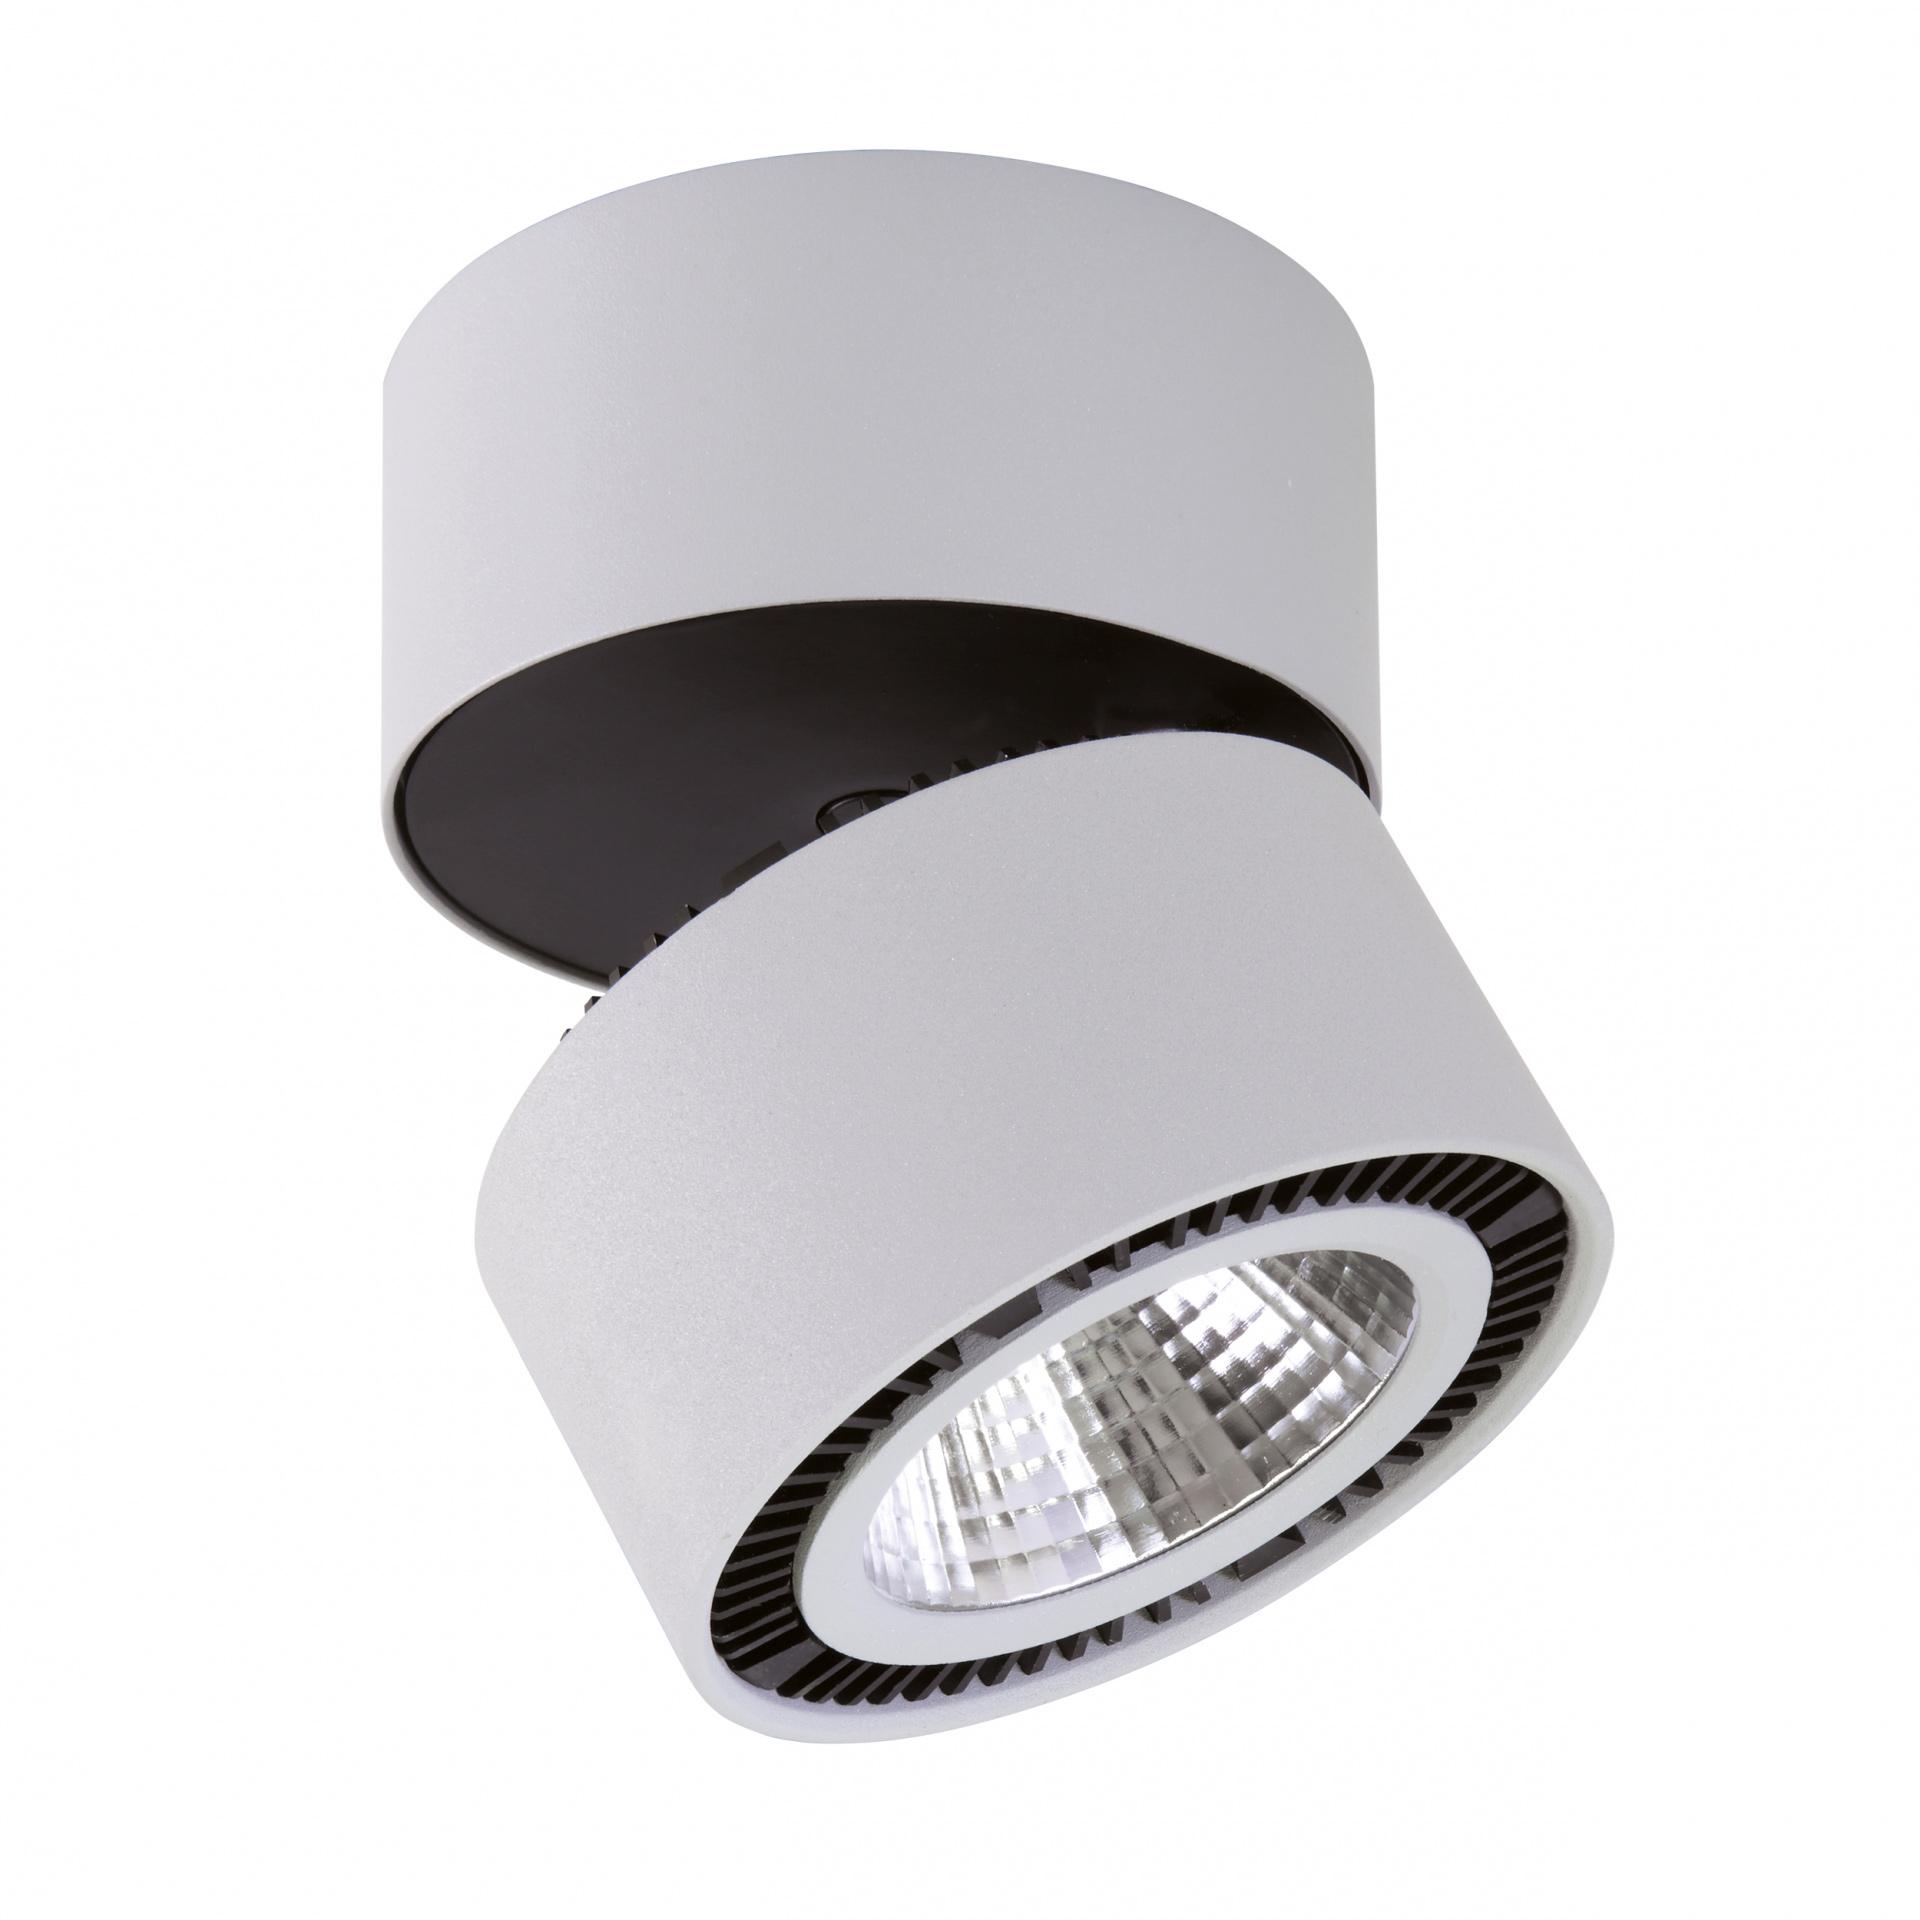 Светильник Forte Muro LED 40W 3400LM 30G серый 4000K Lightstar 214859, купить в СПб, Москве, с доставкой, Санкт-Петербург, интернет-магазин люстр и светильников Starlight, фото в жизни